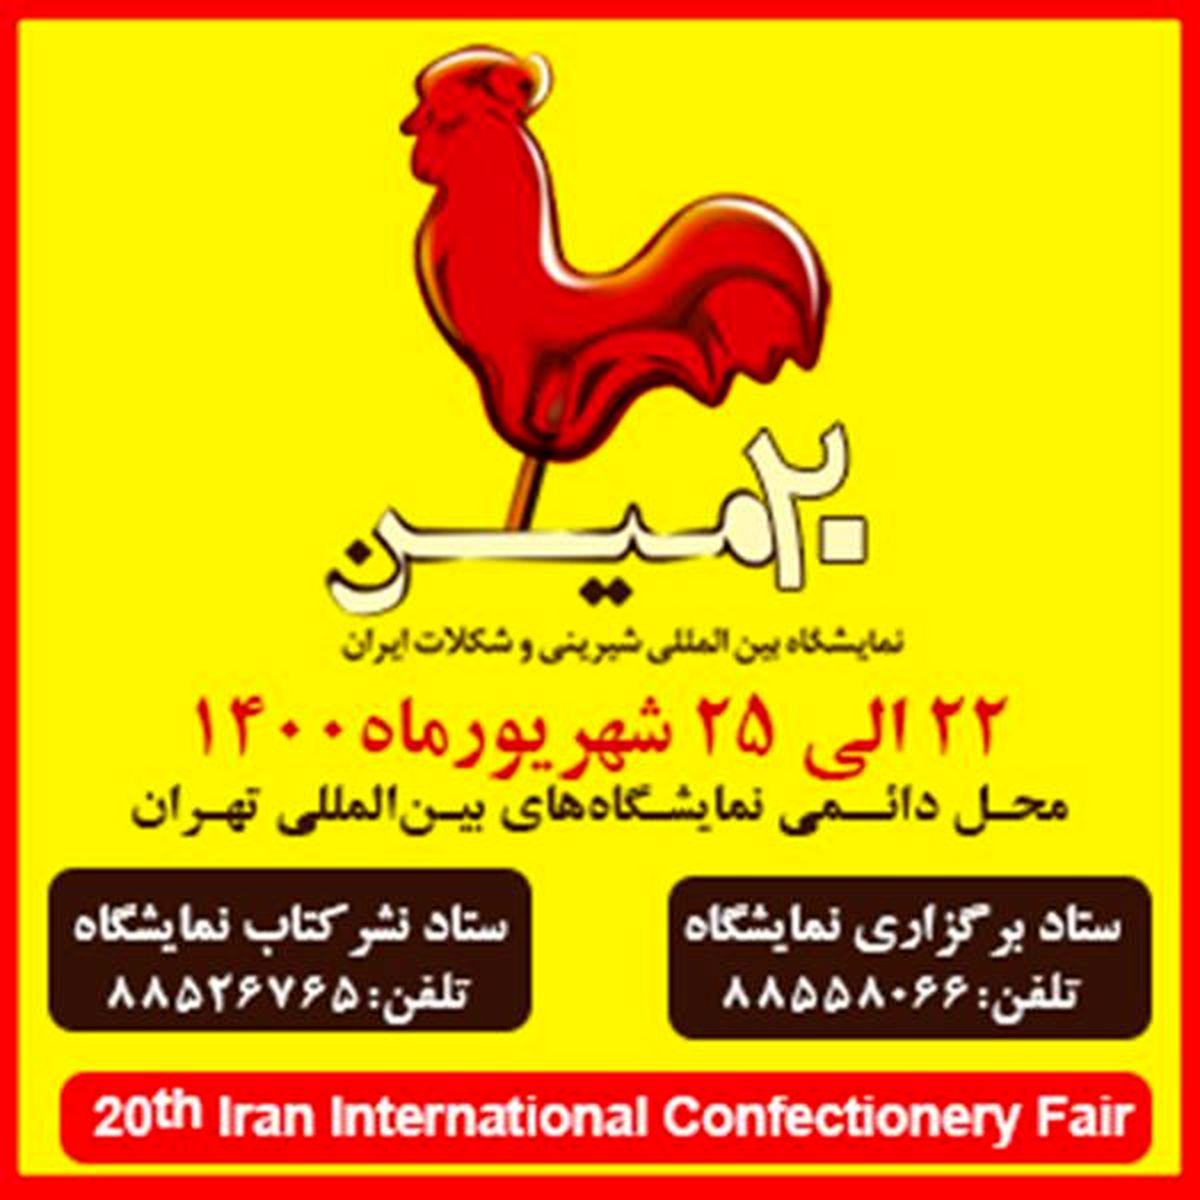 ثبتنام بیستمین نمایشگاه بین المللی شیرینی و شکلات ایران